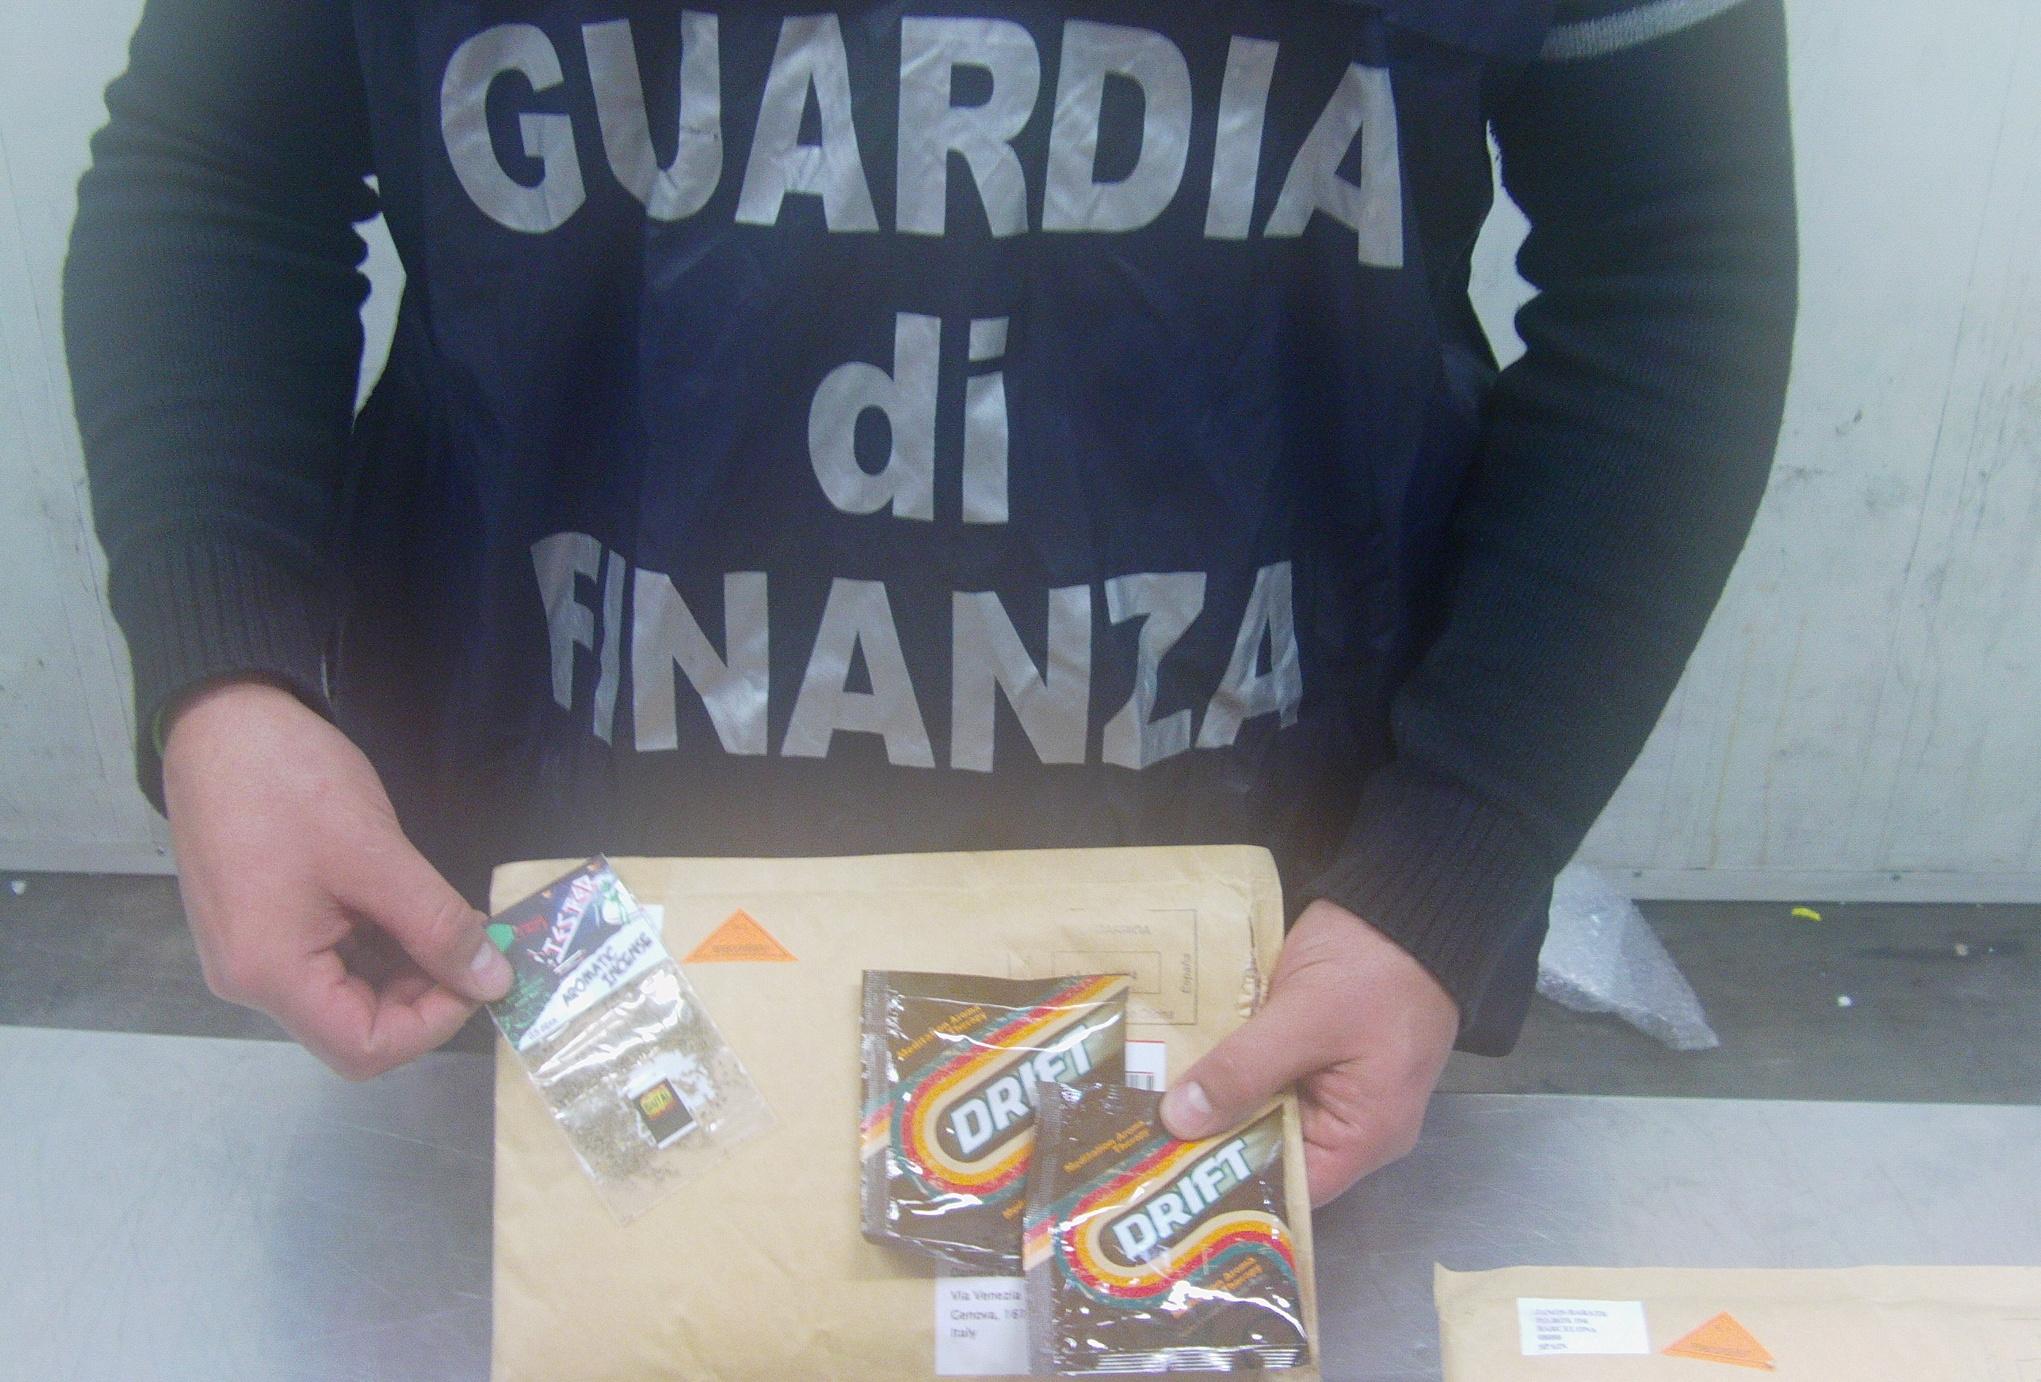 Continua la caccia alle nuove droghe da parte della Guardia di Finanza di Varese